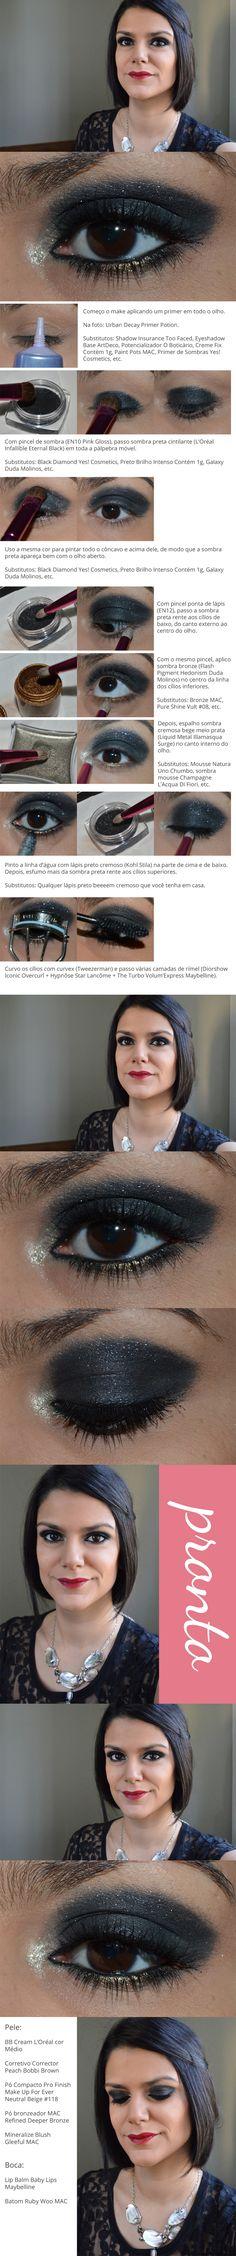 Sombra preta e batom vermelho / Black eyeshadow & red lipstick - http://www.2beauty.com.br/blog/tutoriais-em-pdf/